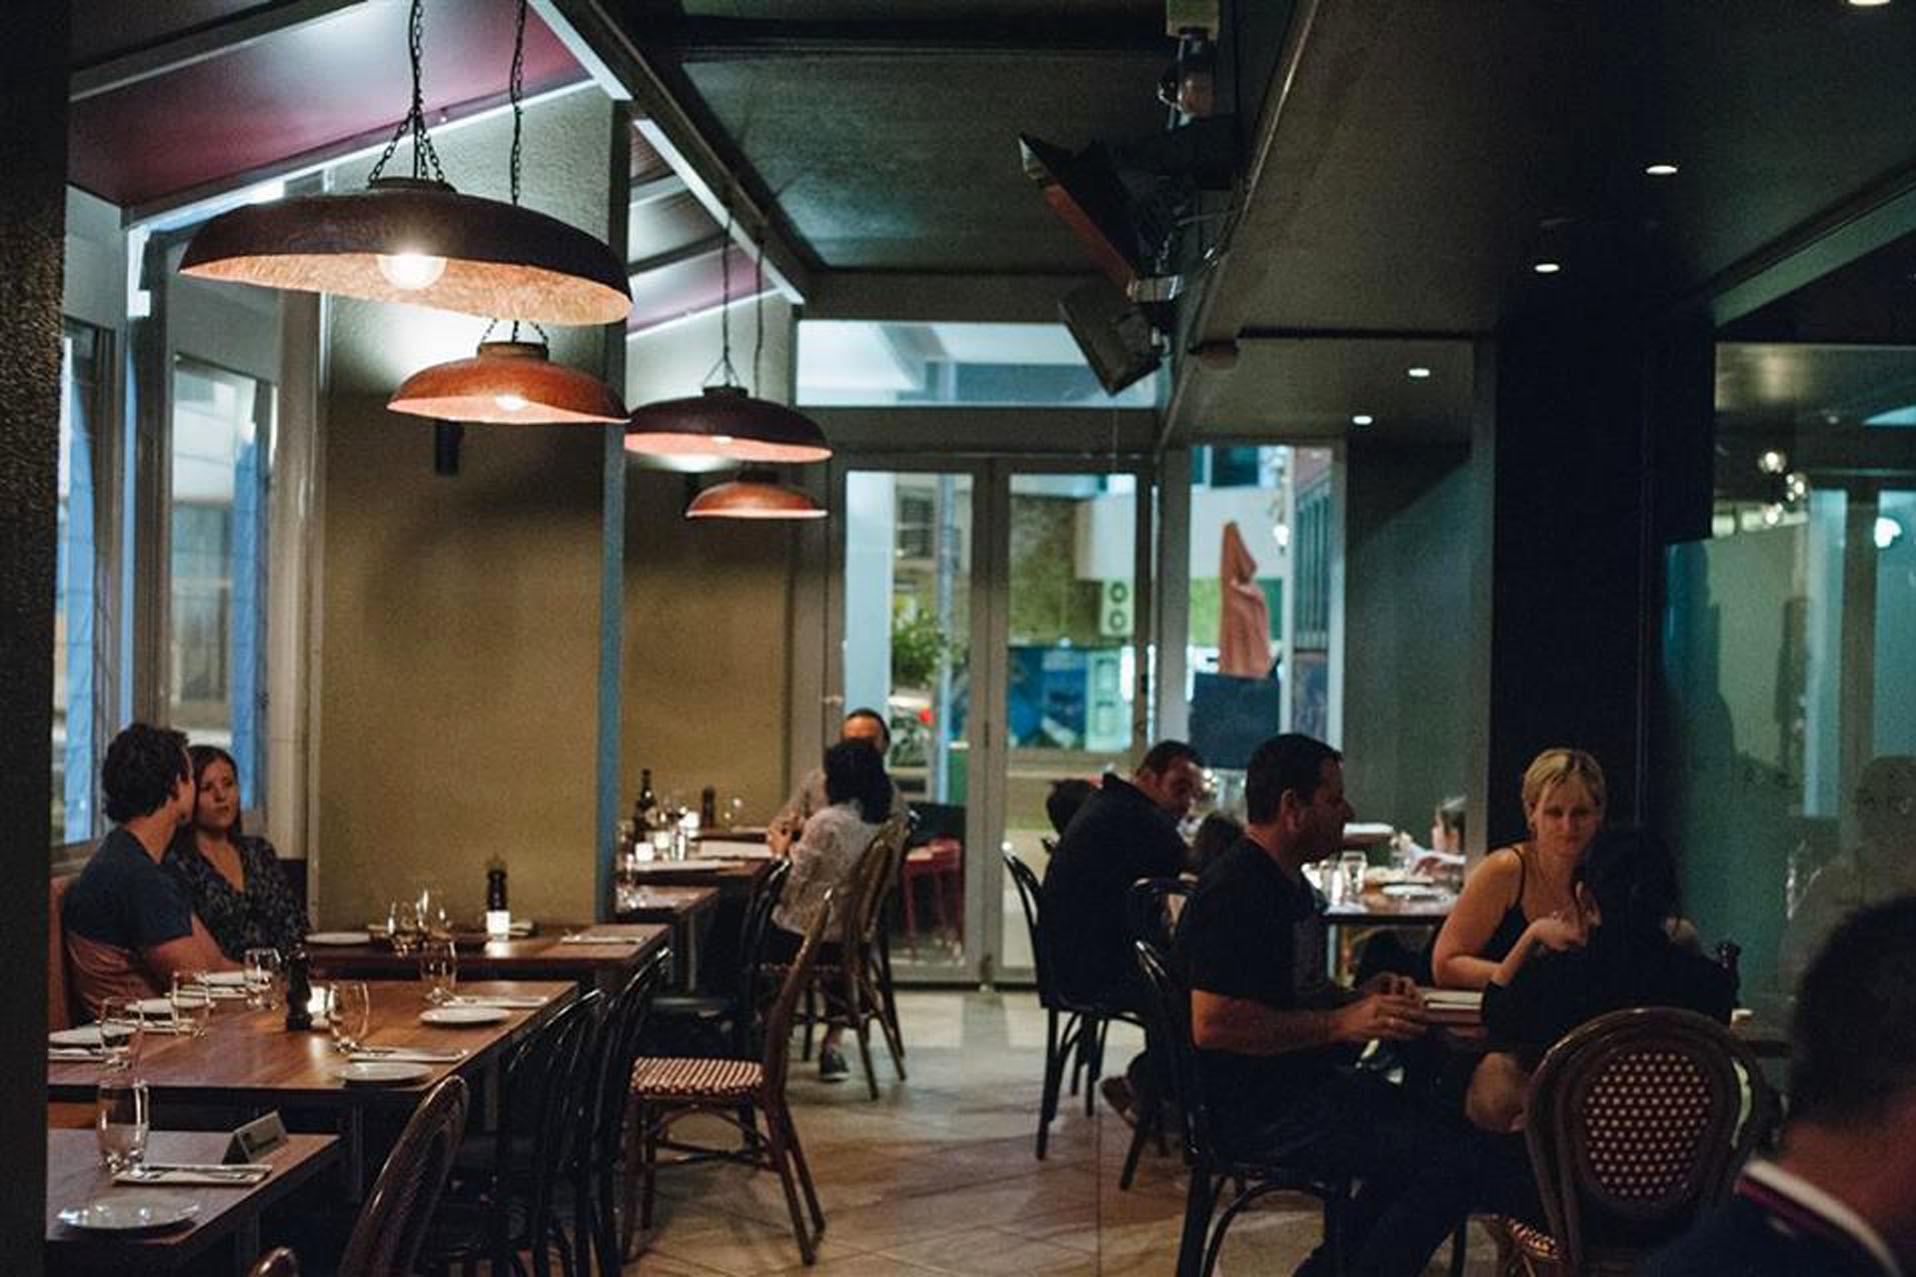 e - Fiasco Restaurant & Bar